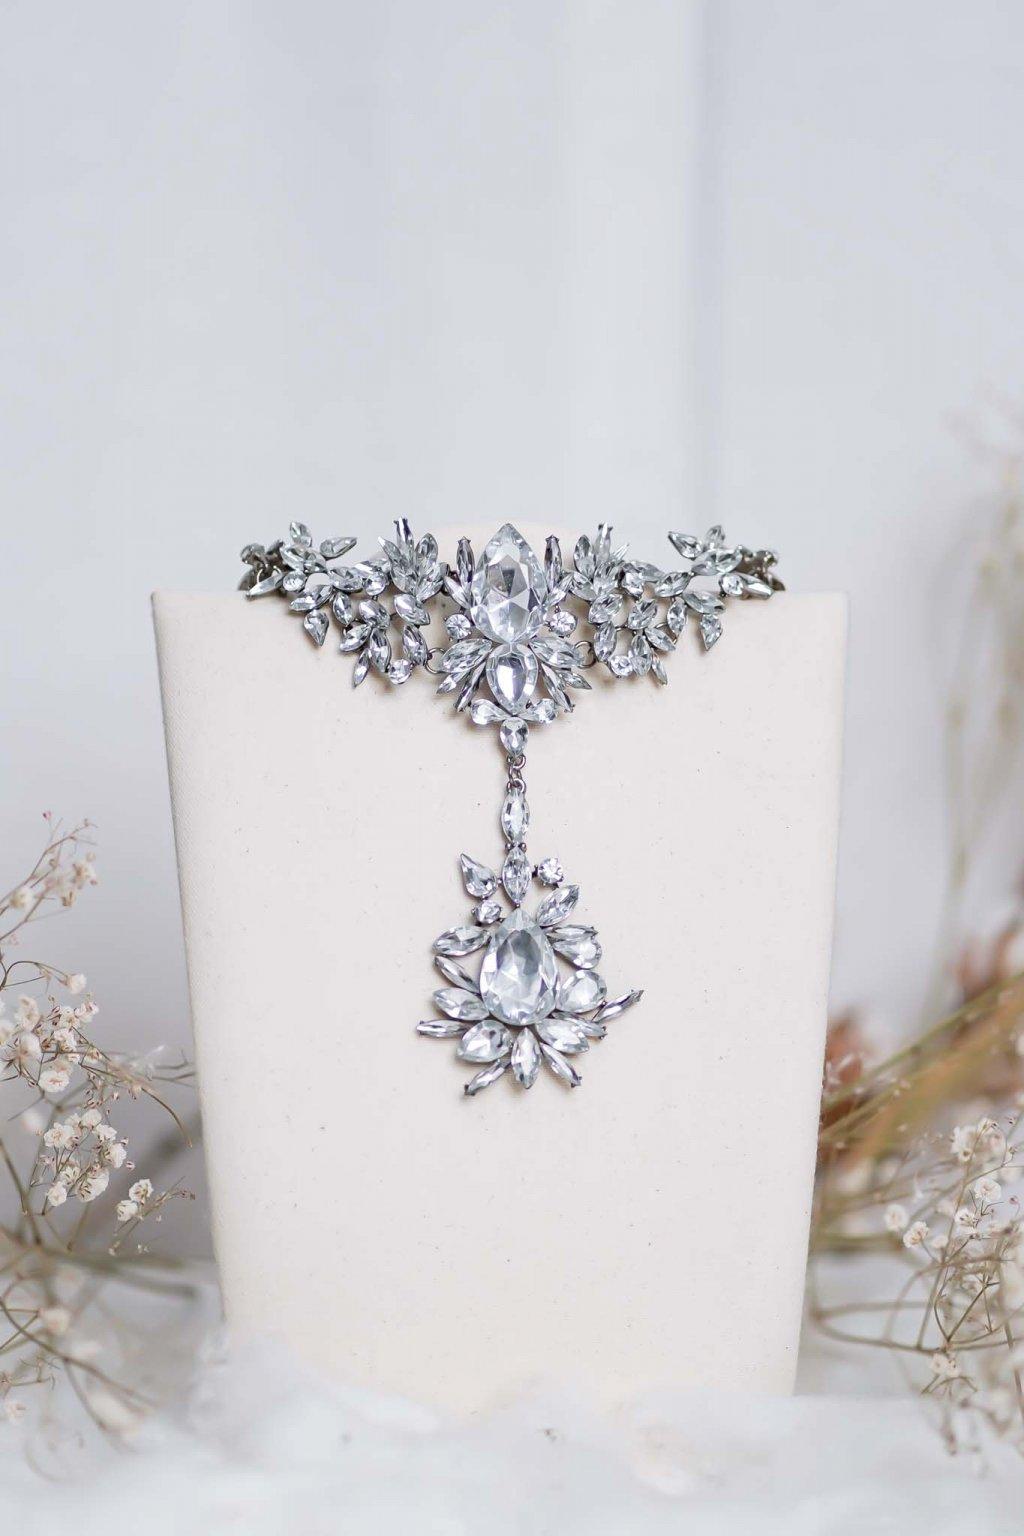 náhrdelník, spoločenský, bežný deň, kamienkový, farebný, čierny, strieborný, zelený, cyklamenévy, náhrdelník, bižuteria, šperk, šperky, ples, stužková, svadba, 099